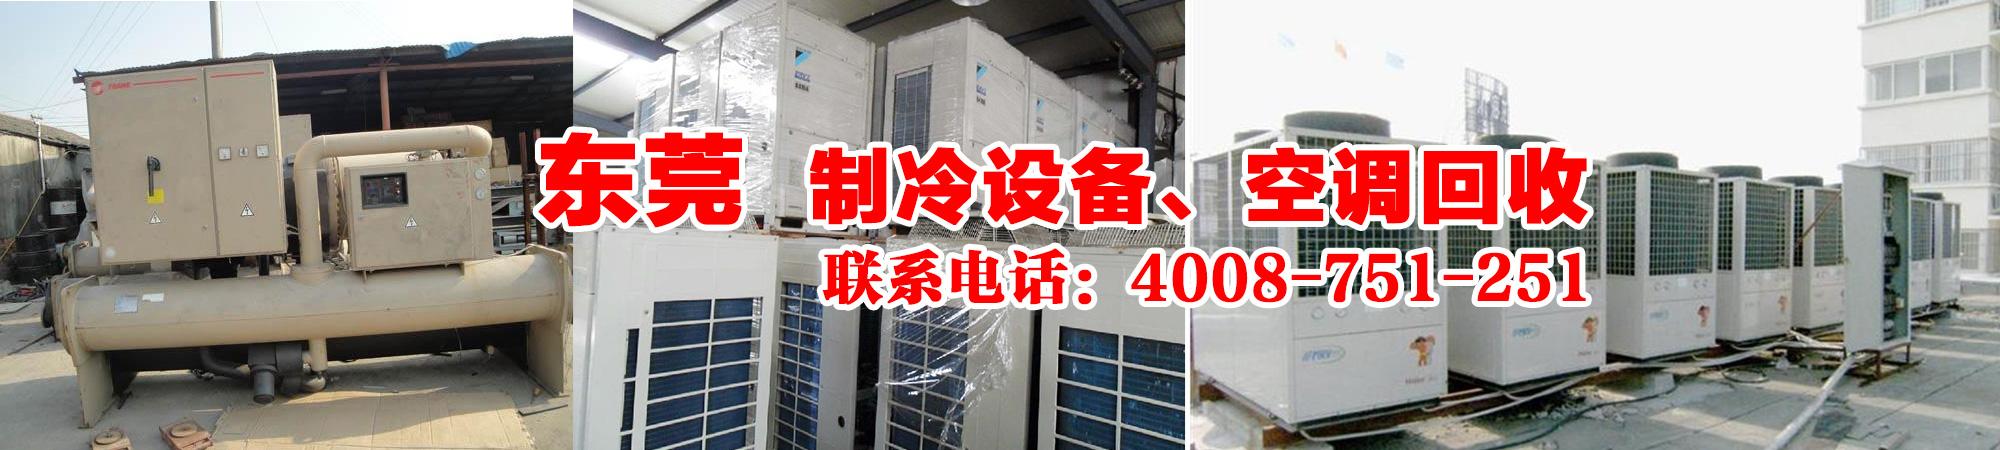 东莞中央空调回收